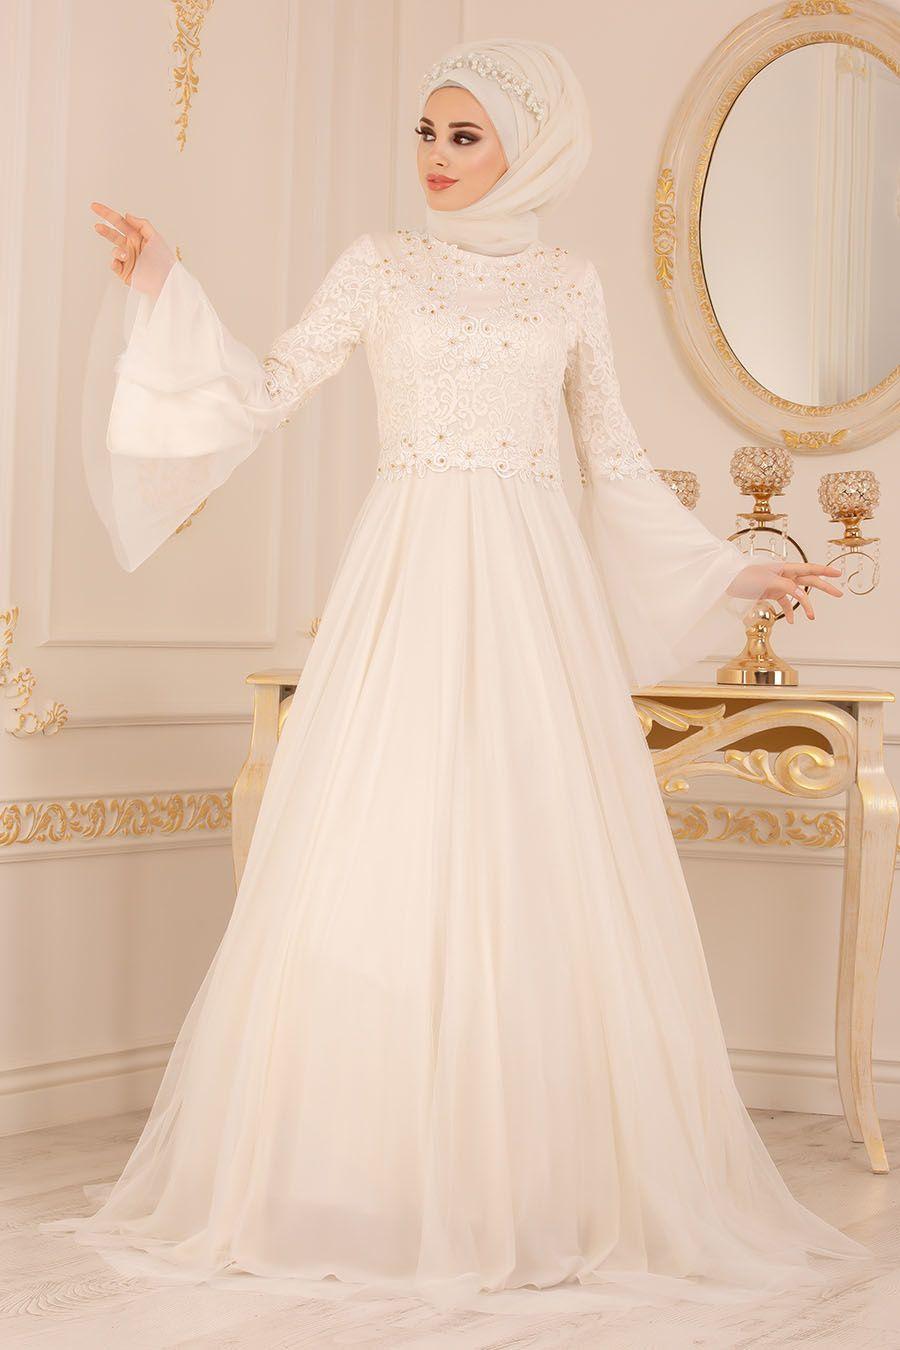 Tesetturlu Abiye Elbise Volan Kol Dantelli Ekru Tesetturlu Abiye Elbise 20571e Tesetturisland Com The Dress Elbise Dugun Nedime Giysileri